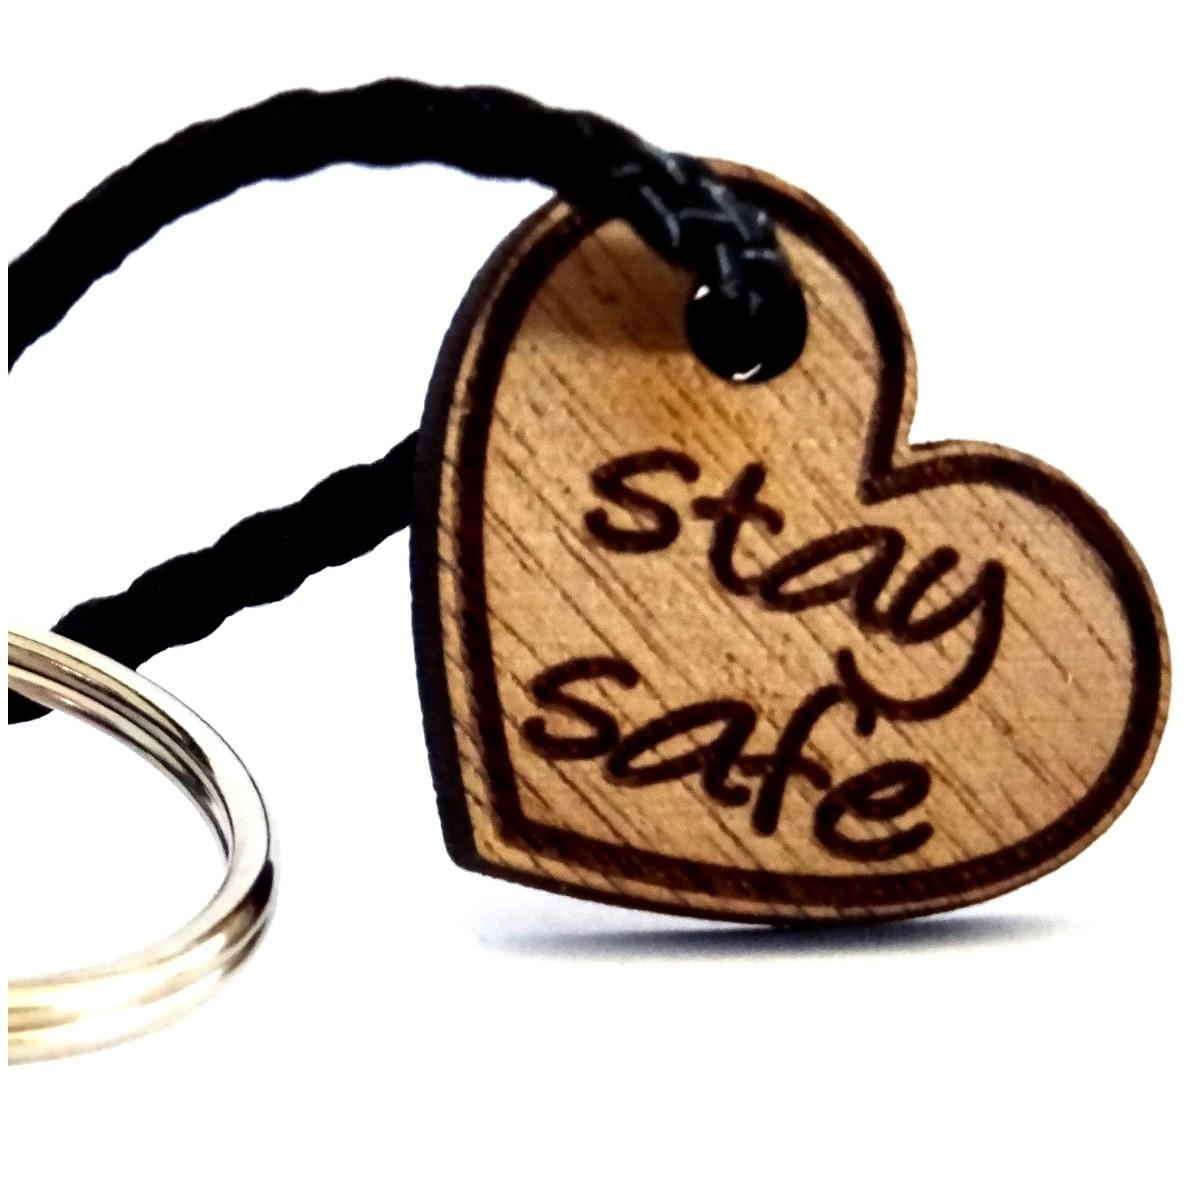 Schlüsselanhänger aus Nussbaum Holz stay safe